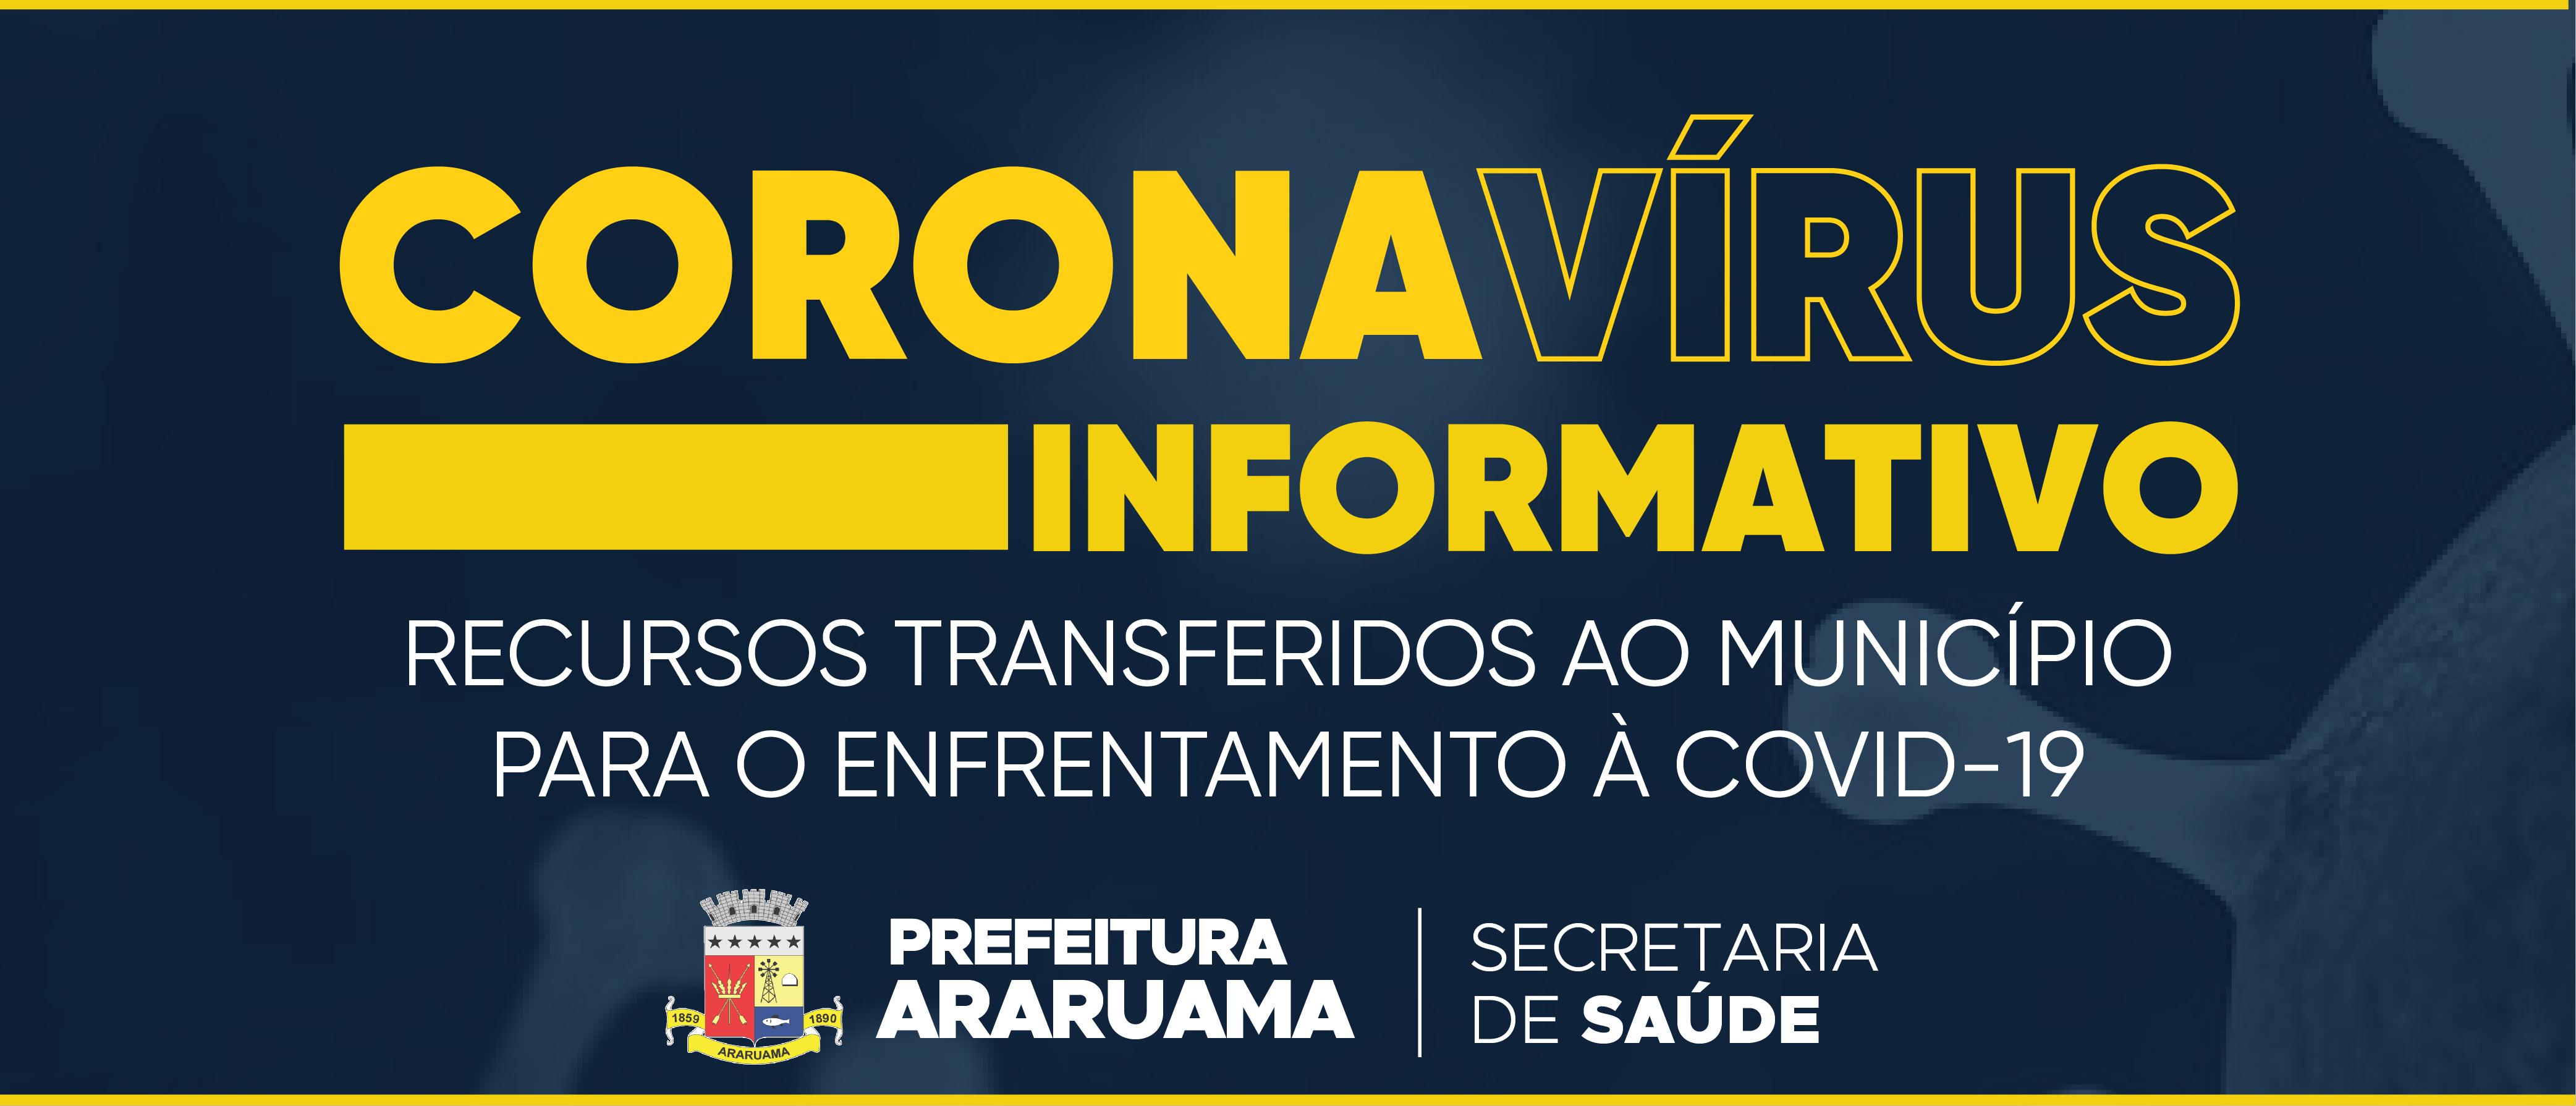 Prefeitura de Araruama divulga informações sobre os repasses de recursos federais e estaduais ao município para o enfrentamento à COVID-19